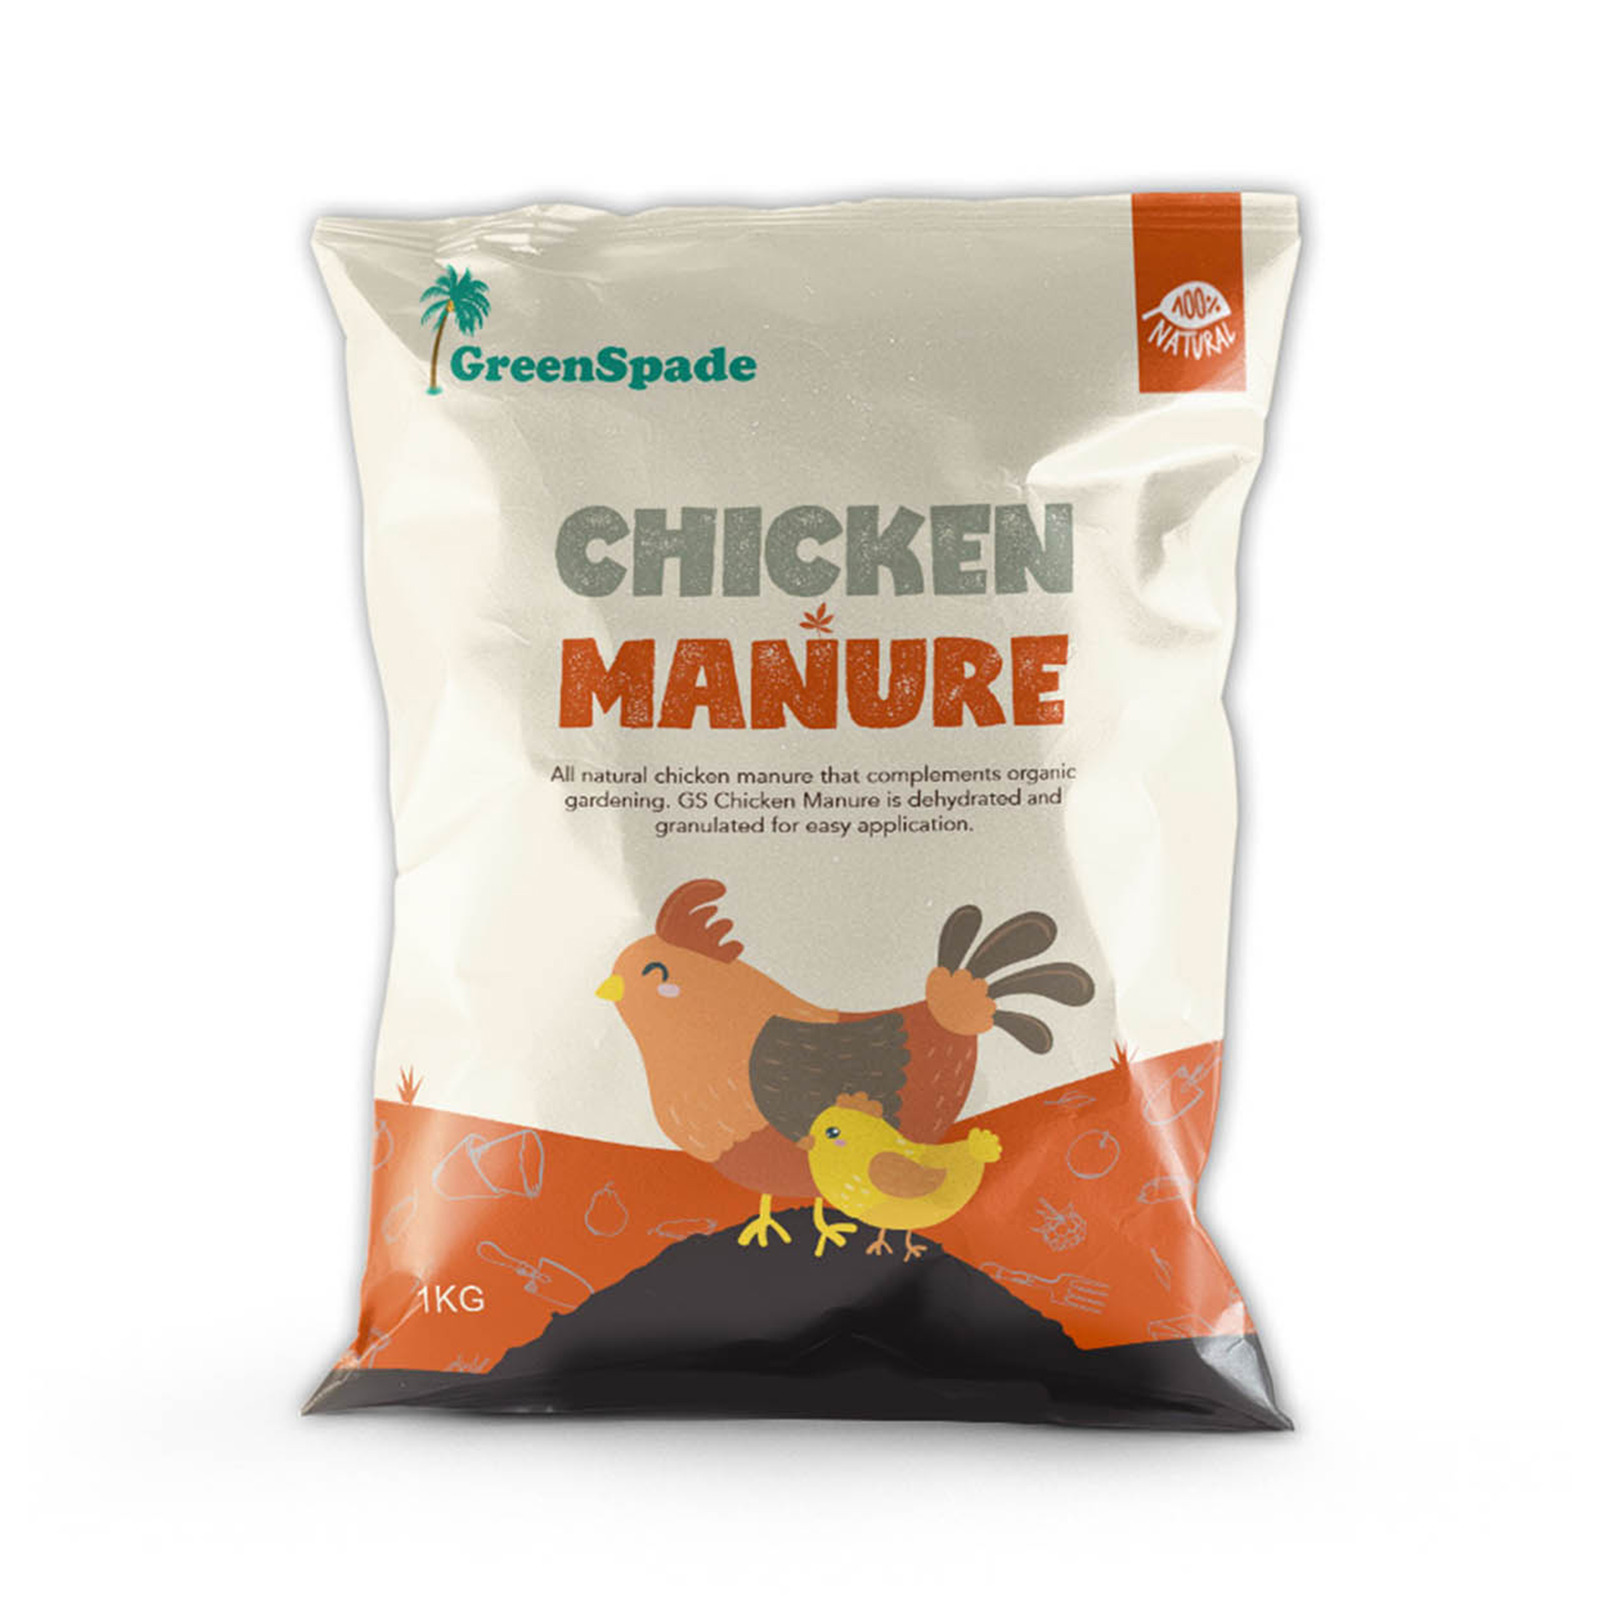 GreenSpade Chicken Manure 1kg